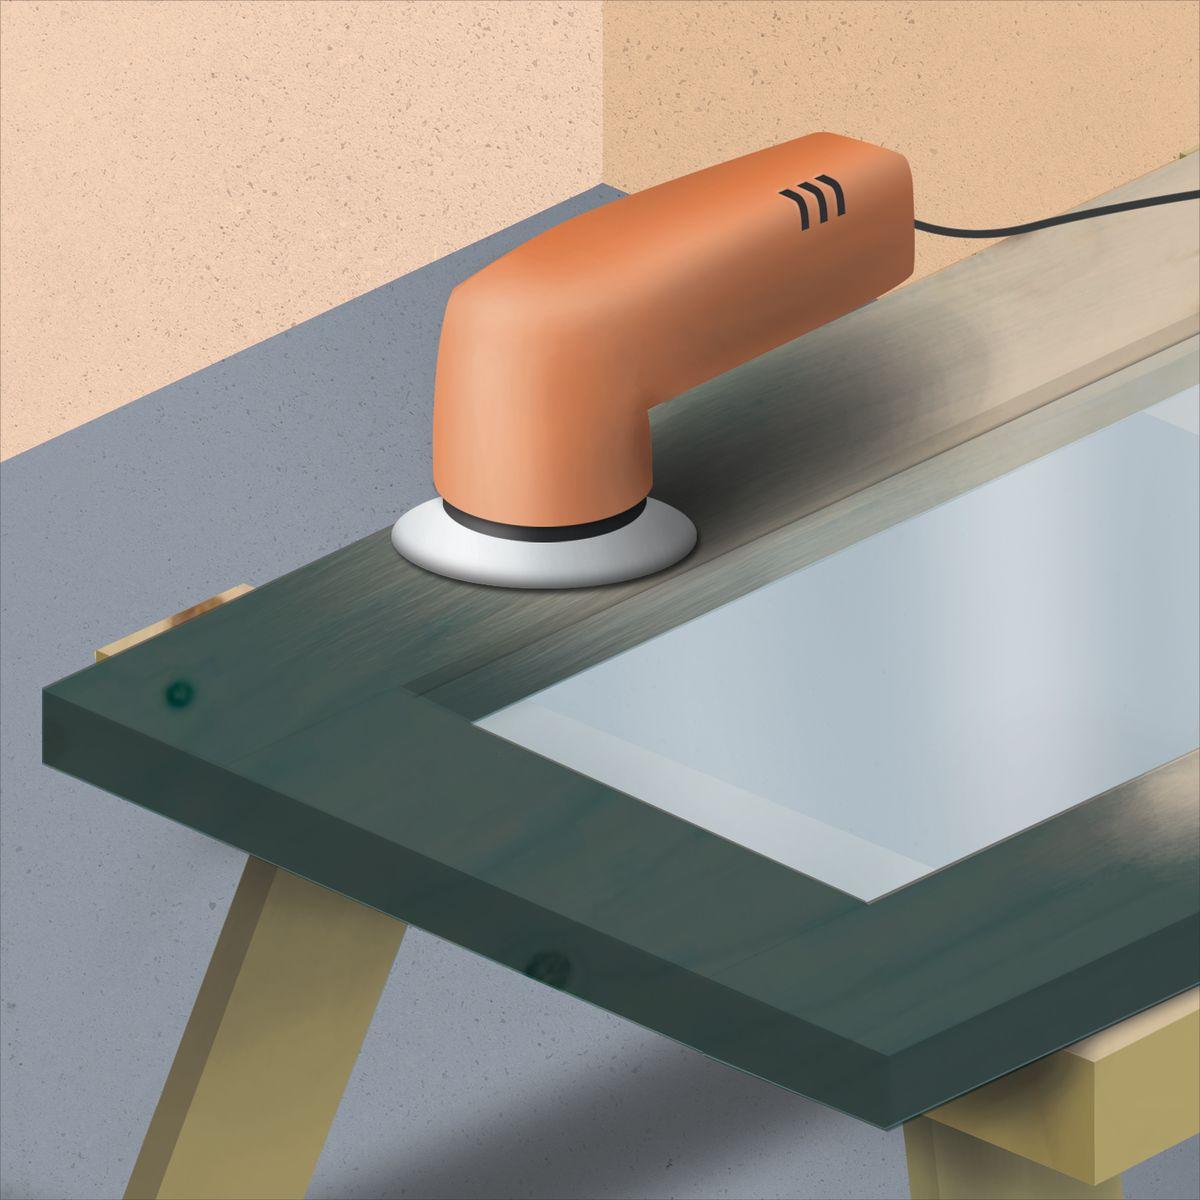 Come rinnovare porte interne e finestre in legno guide e for Leroy merlin maniglie porte interne